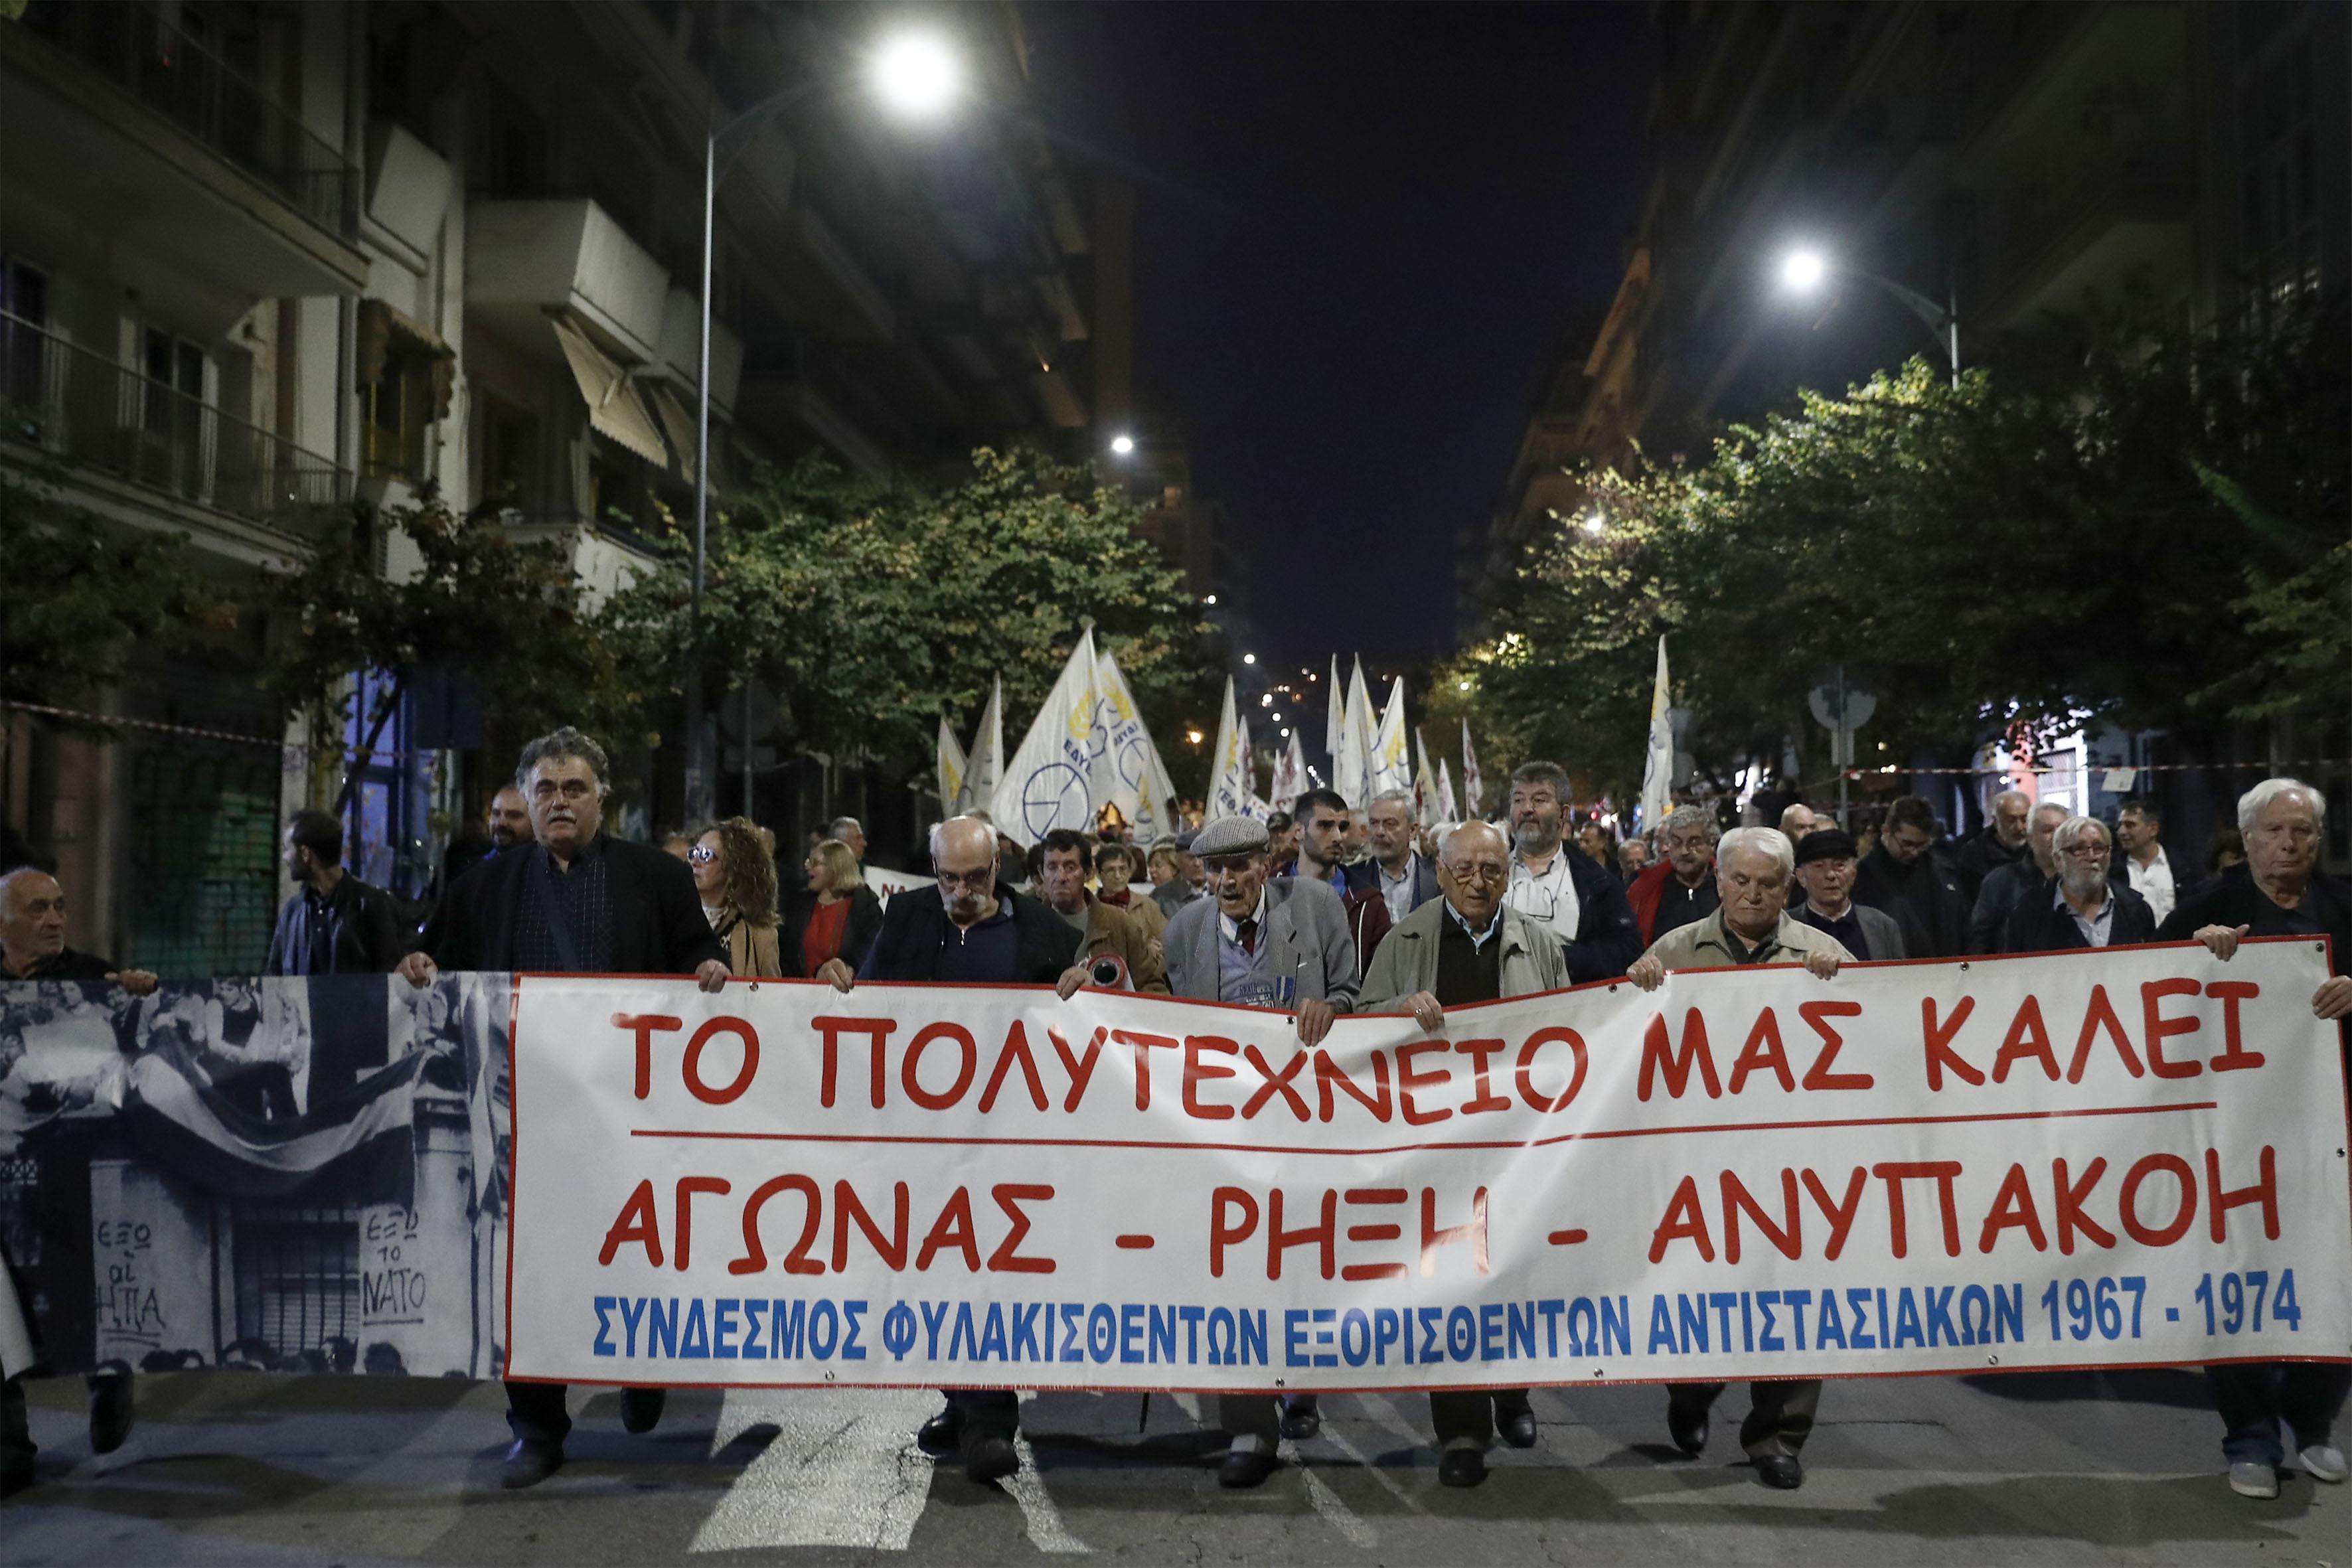 oi-mazikoteres-poreies-ton-teleytaion-eton-sti-thessaloniki-gia-tin-epeteio-toy-polytechneioy-fotografies7